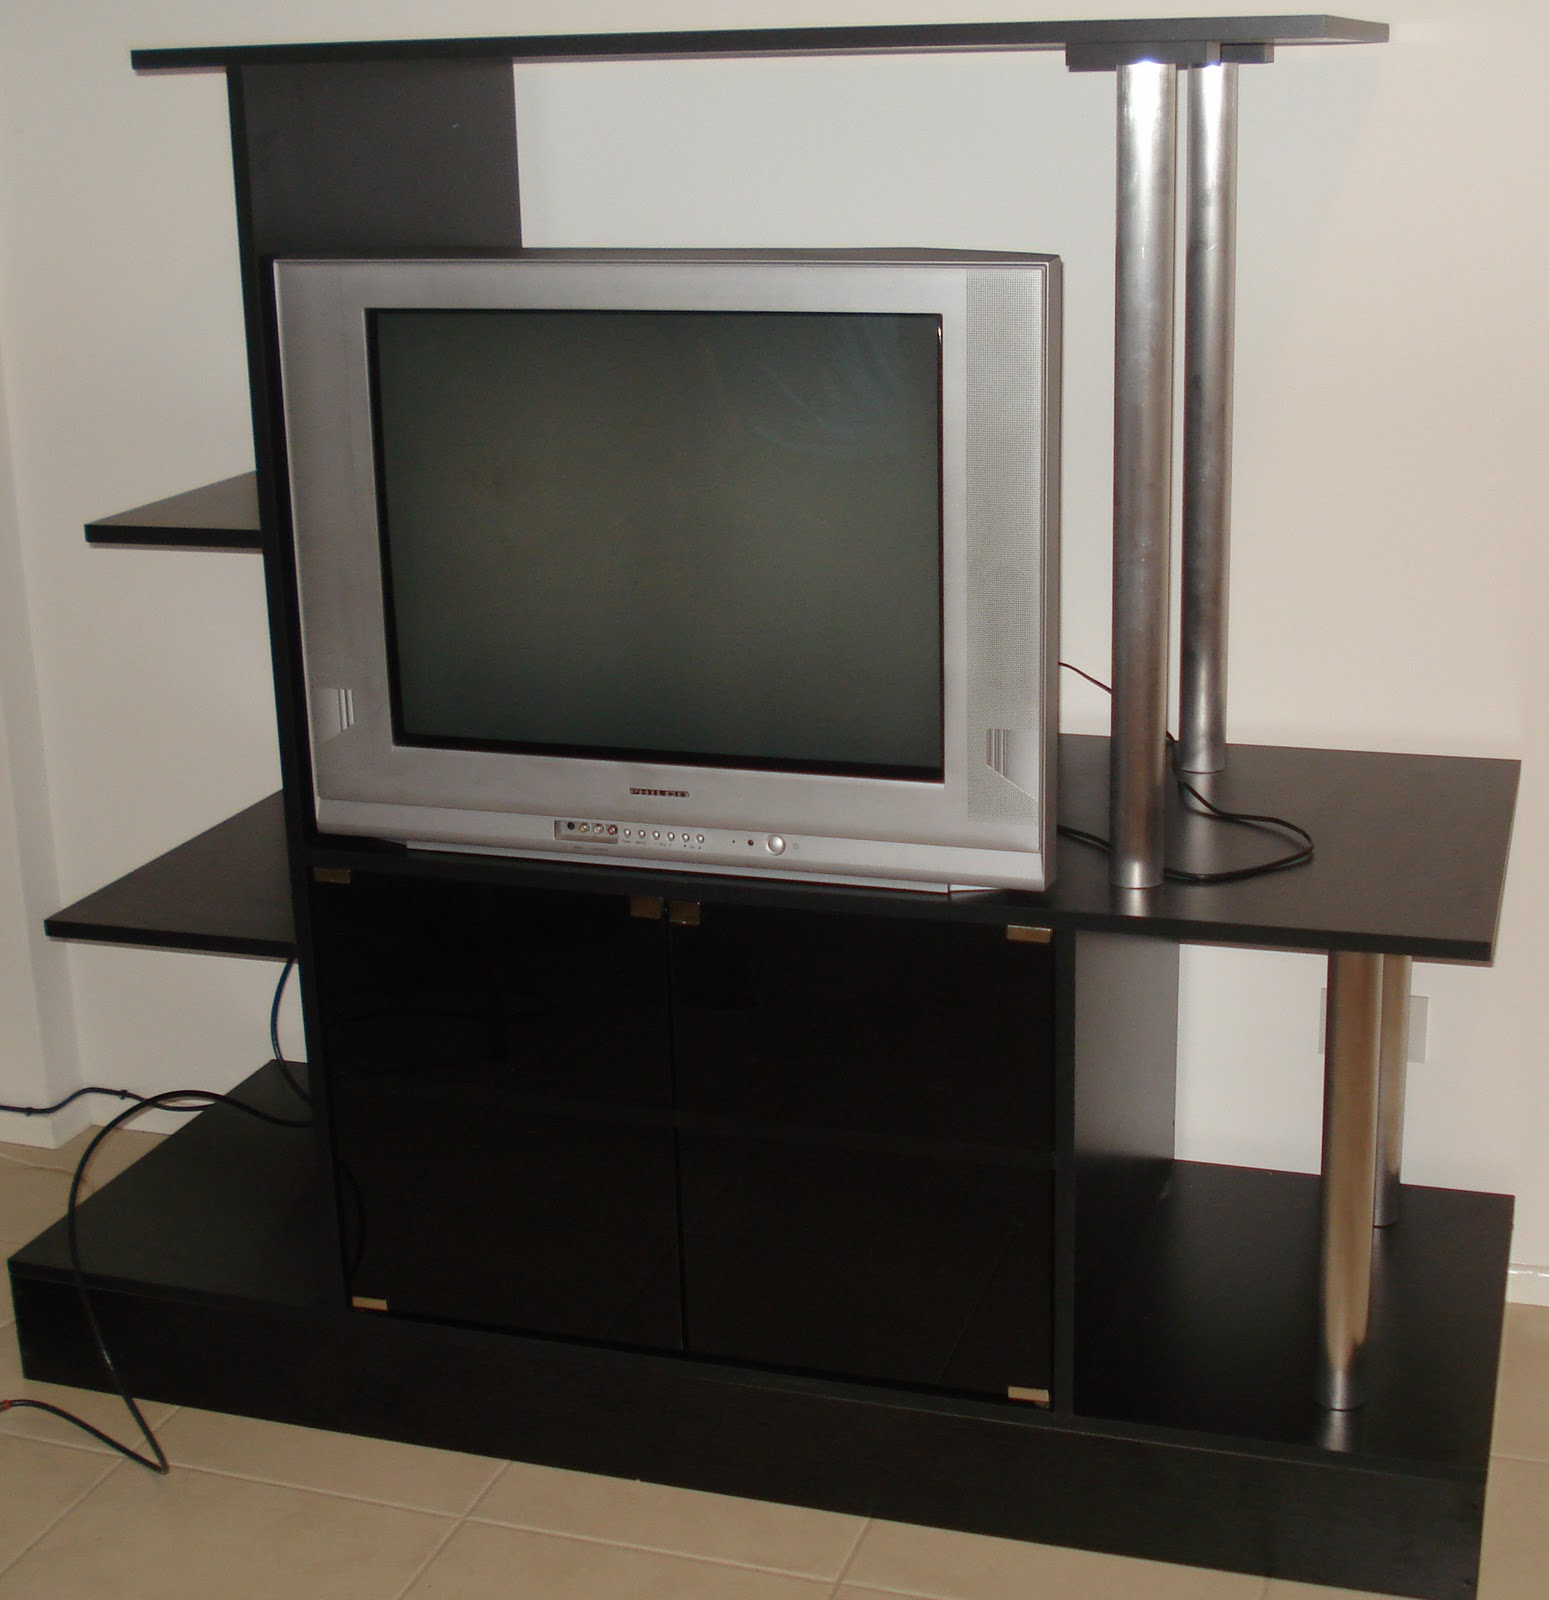 Daa carpinter a mesas para tv for Mesas televisor plasma